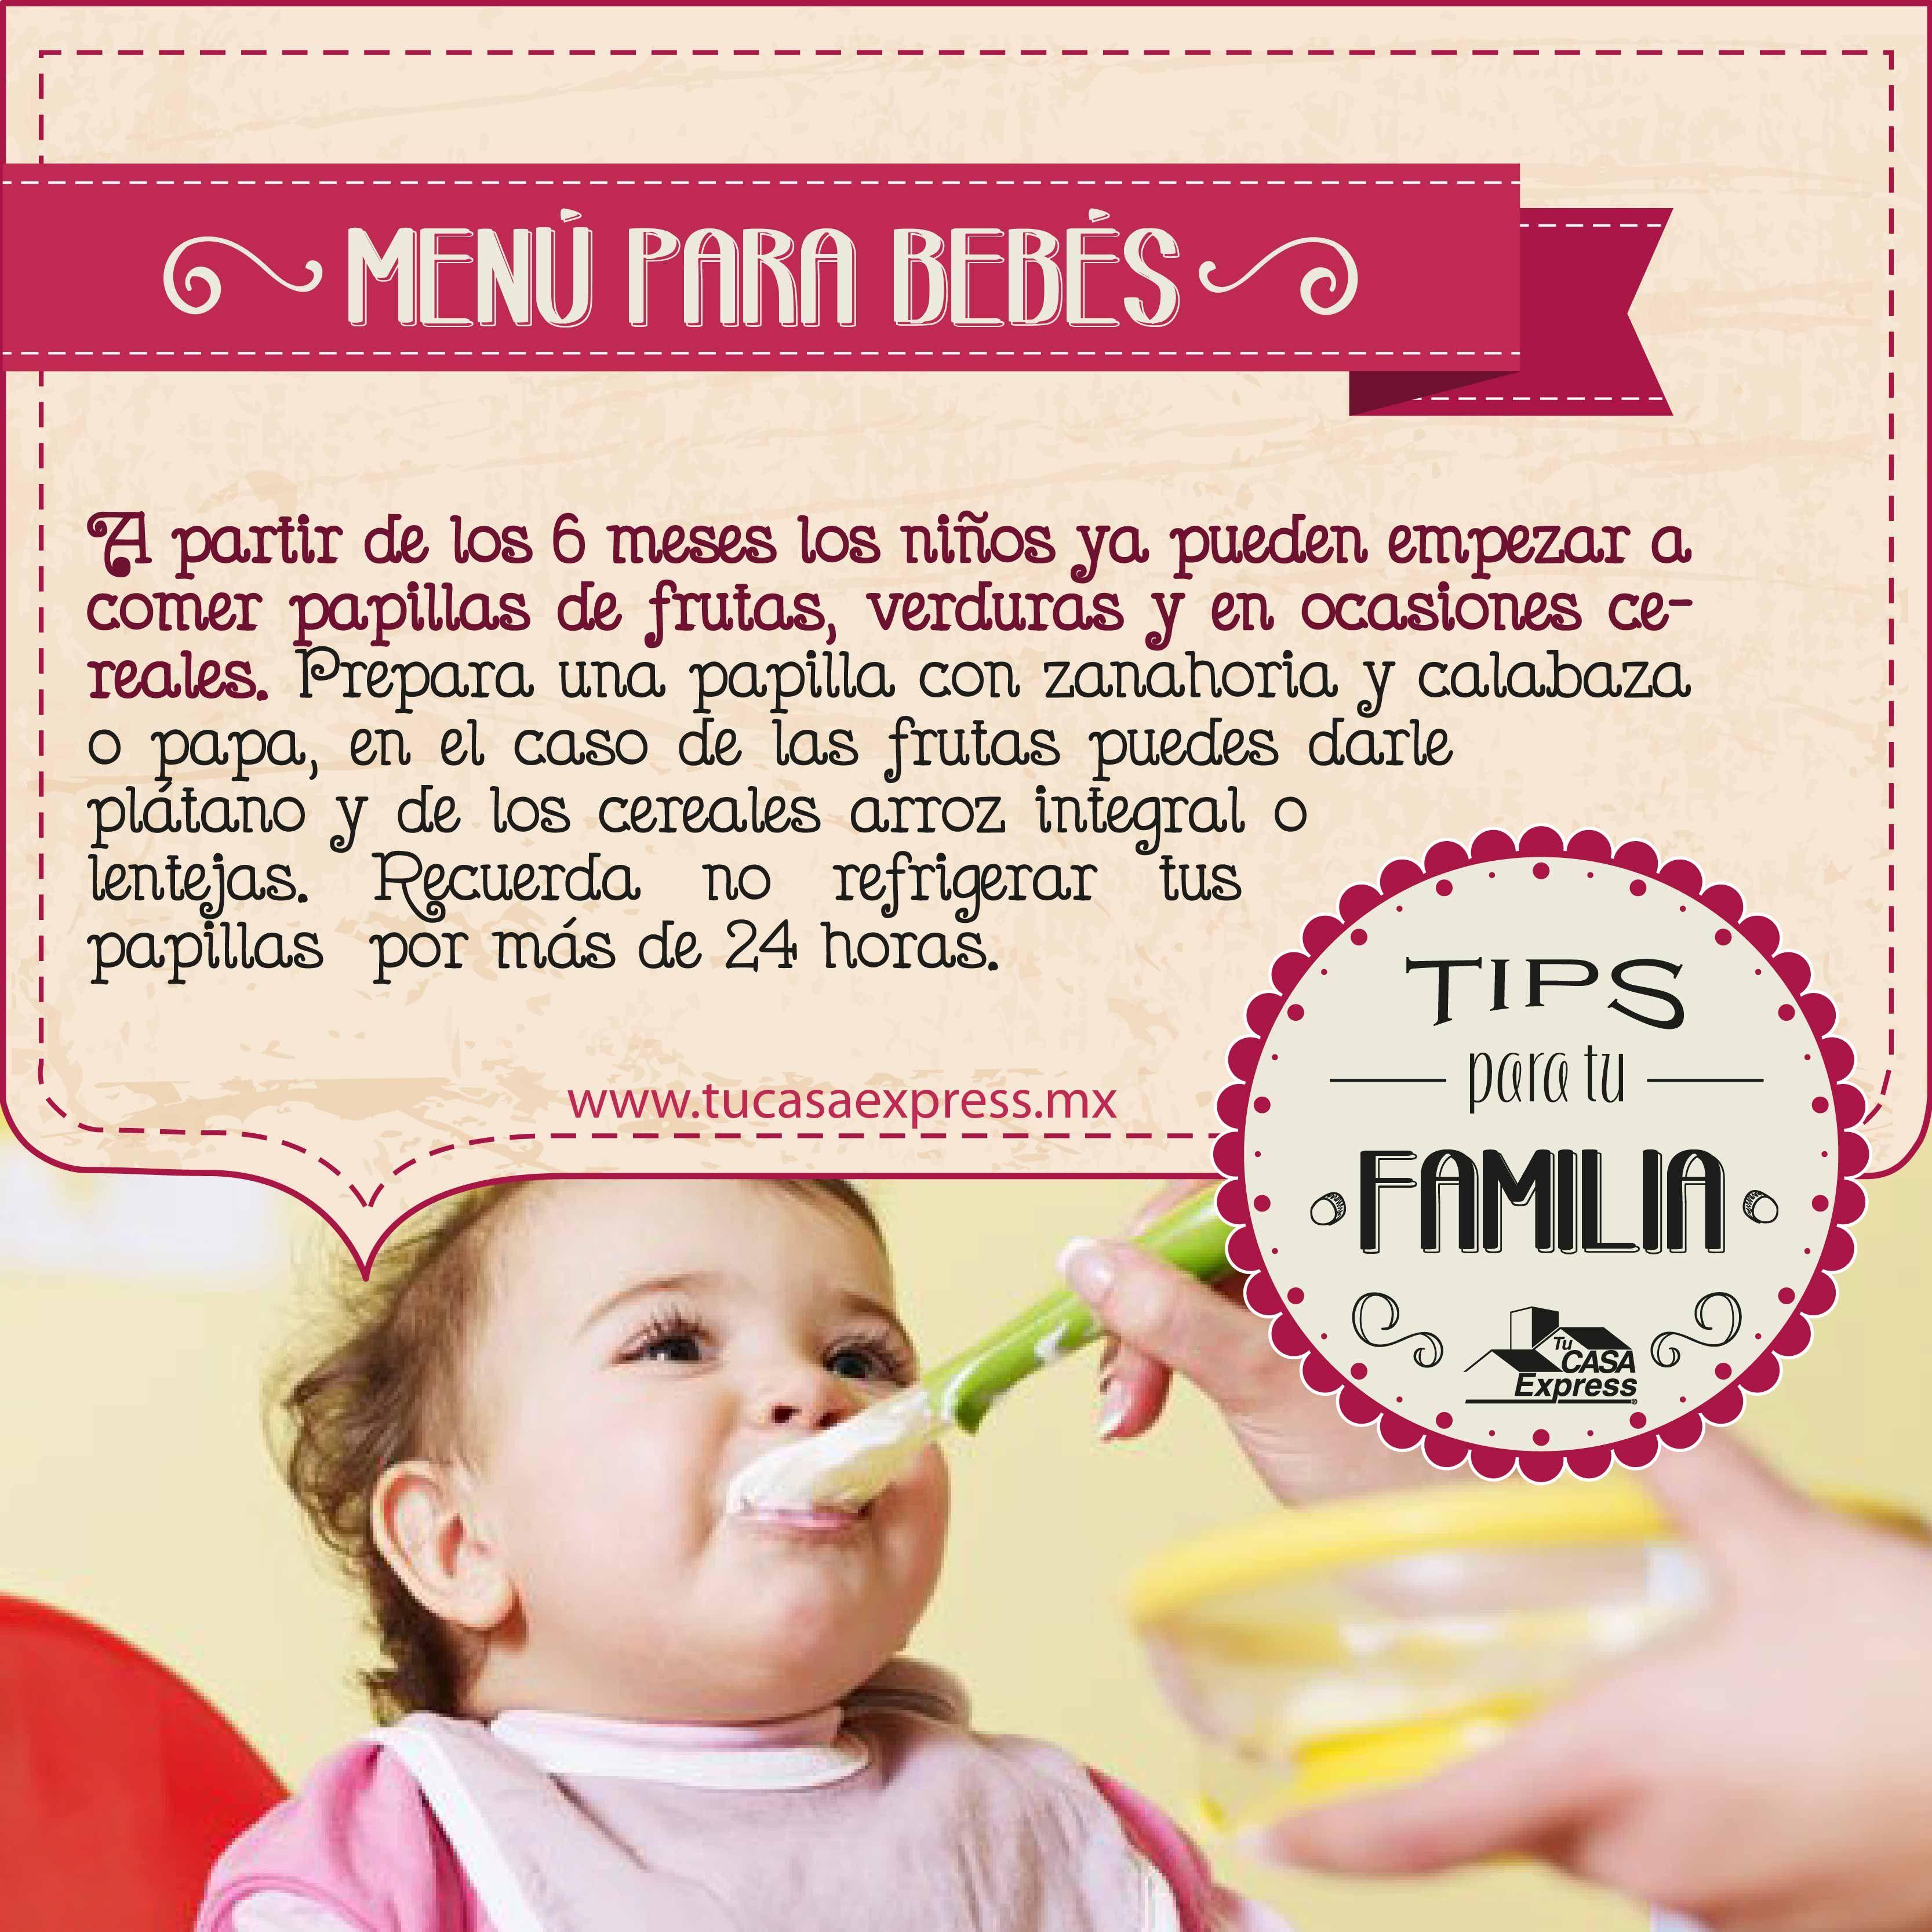 Men para beb s alimentos que puedes darle a partir de los 6 meses tips de hogar pinterest - Alimentos bebe 8 meses ...